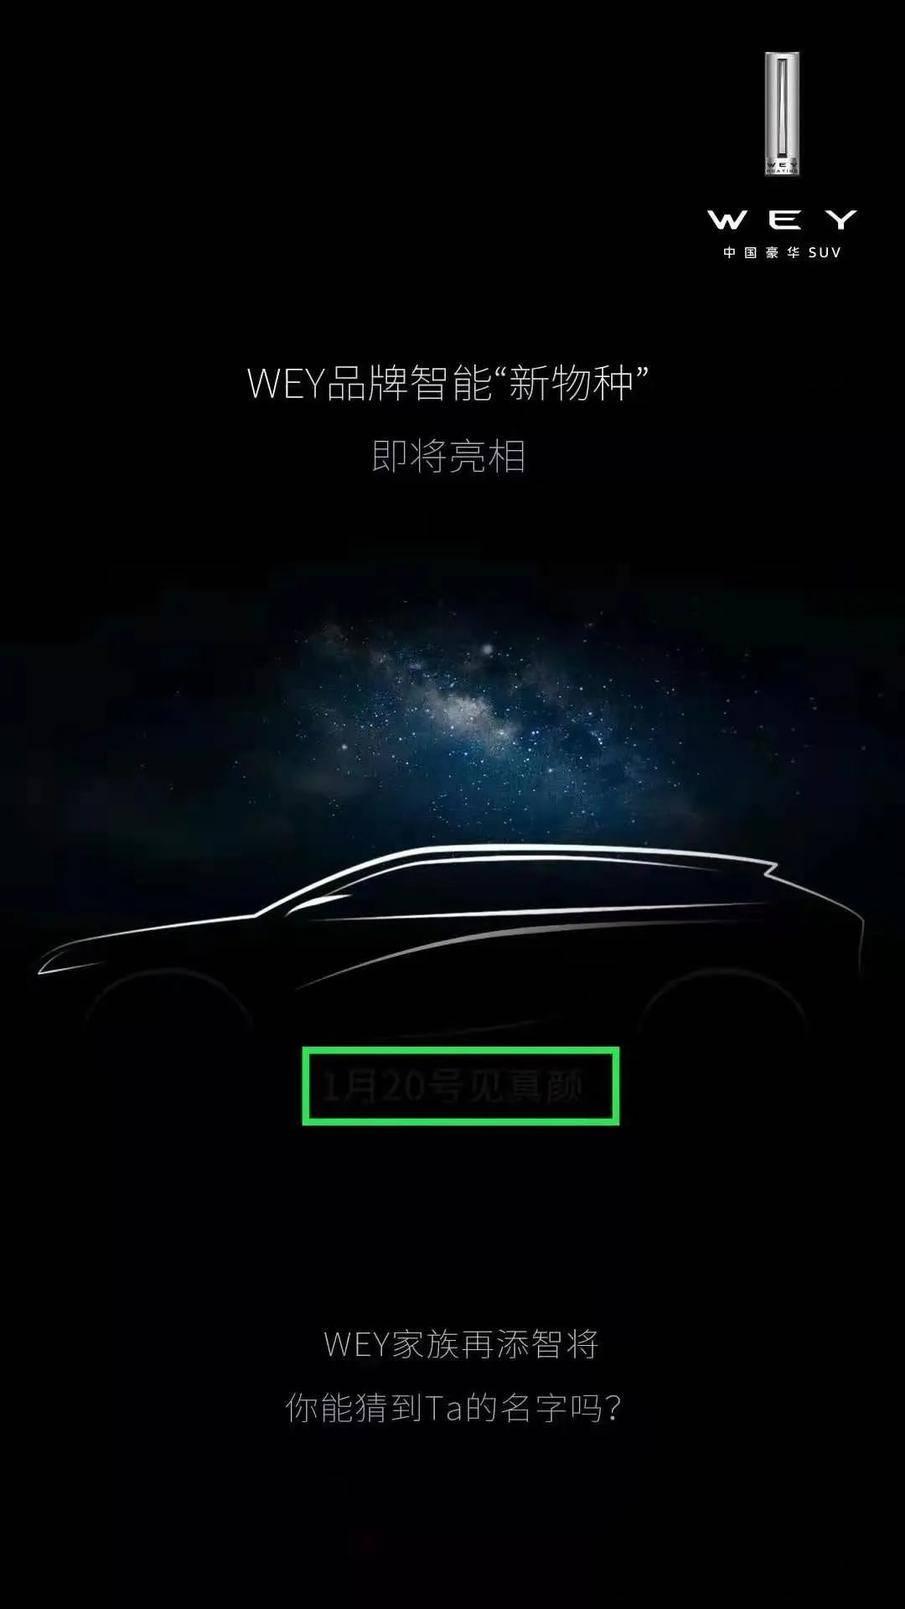 原定位比VV7高!WEY新款旗舰SUV专注于智能黑色技术